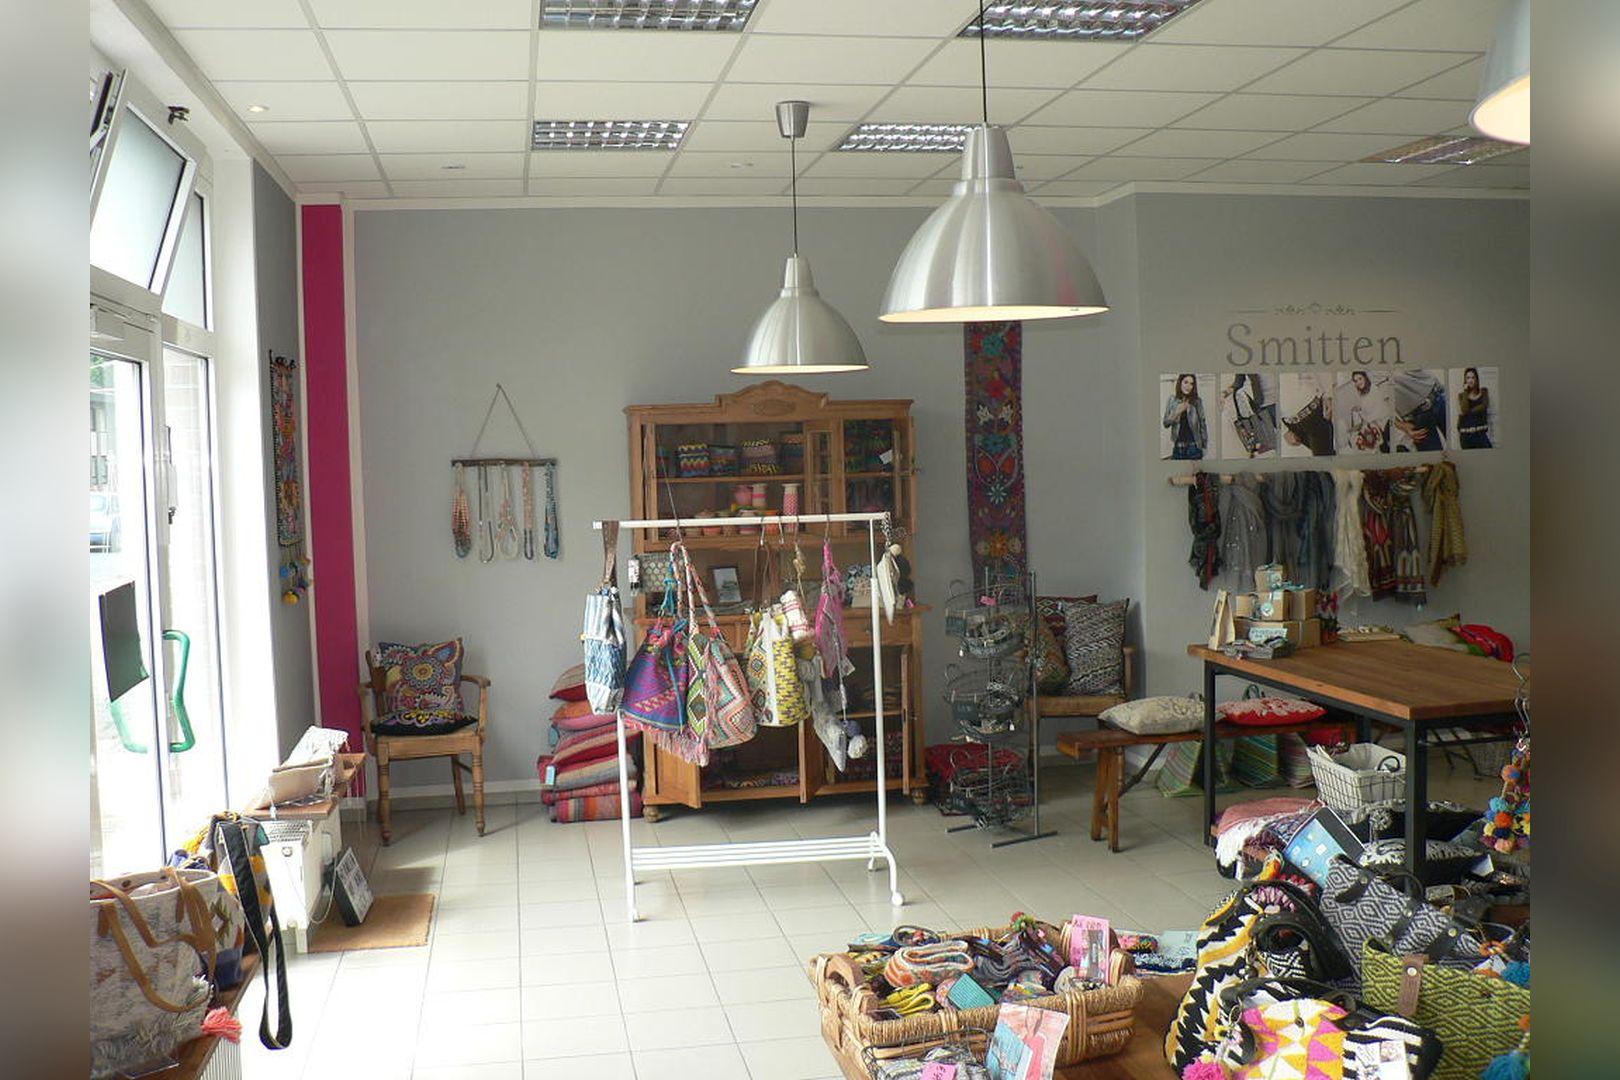 Immobilie Nr.0229 - Ladenlokal mit Lagerflächen, Teeküche, WC-Anlage u. Stellplatz - Bild 3.jpg